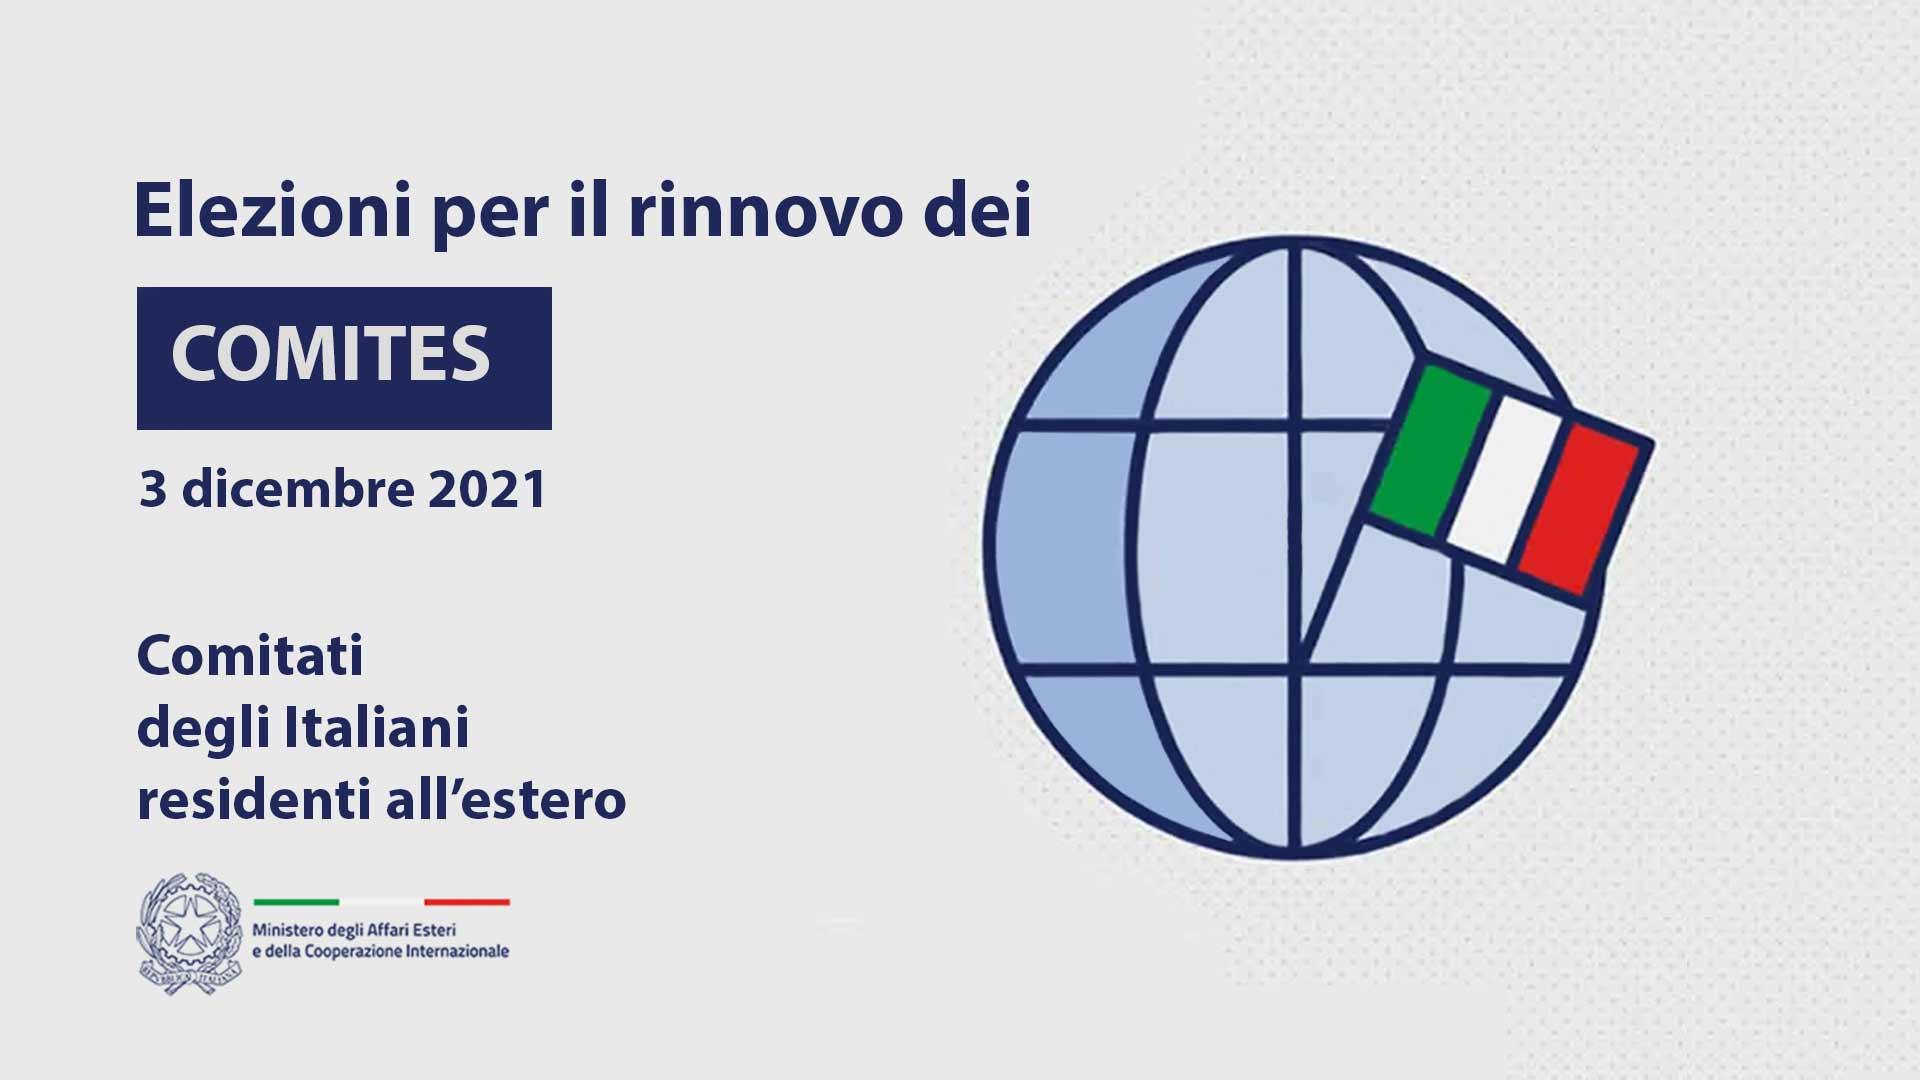 Elezioni COMITES in Svizzera (Comitato degli italiani all'estero) 3 dicembre 2021